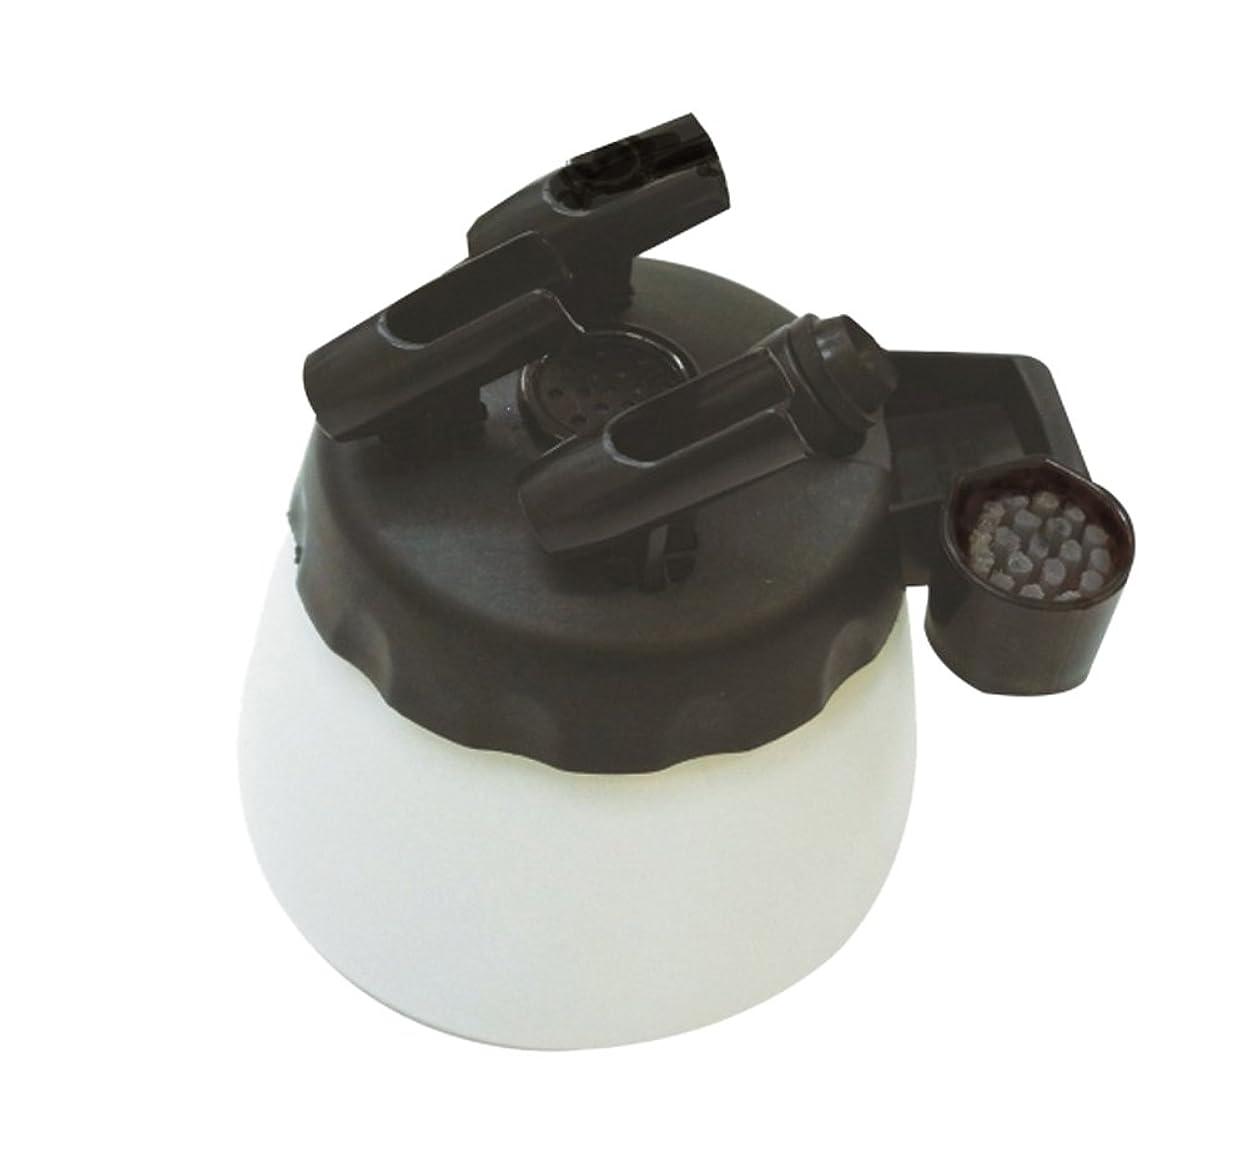 病追加専門知識AIRTEX クリーナーボトル ケトル2 エアブラシ洗浄